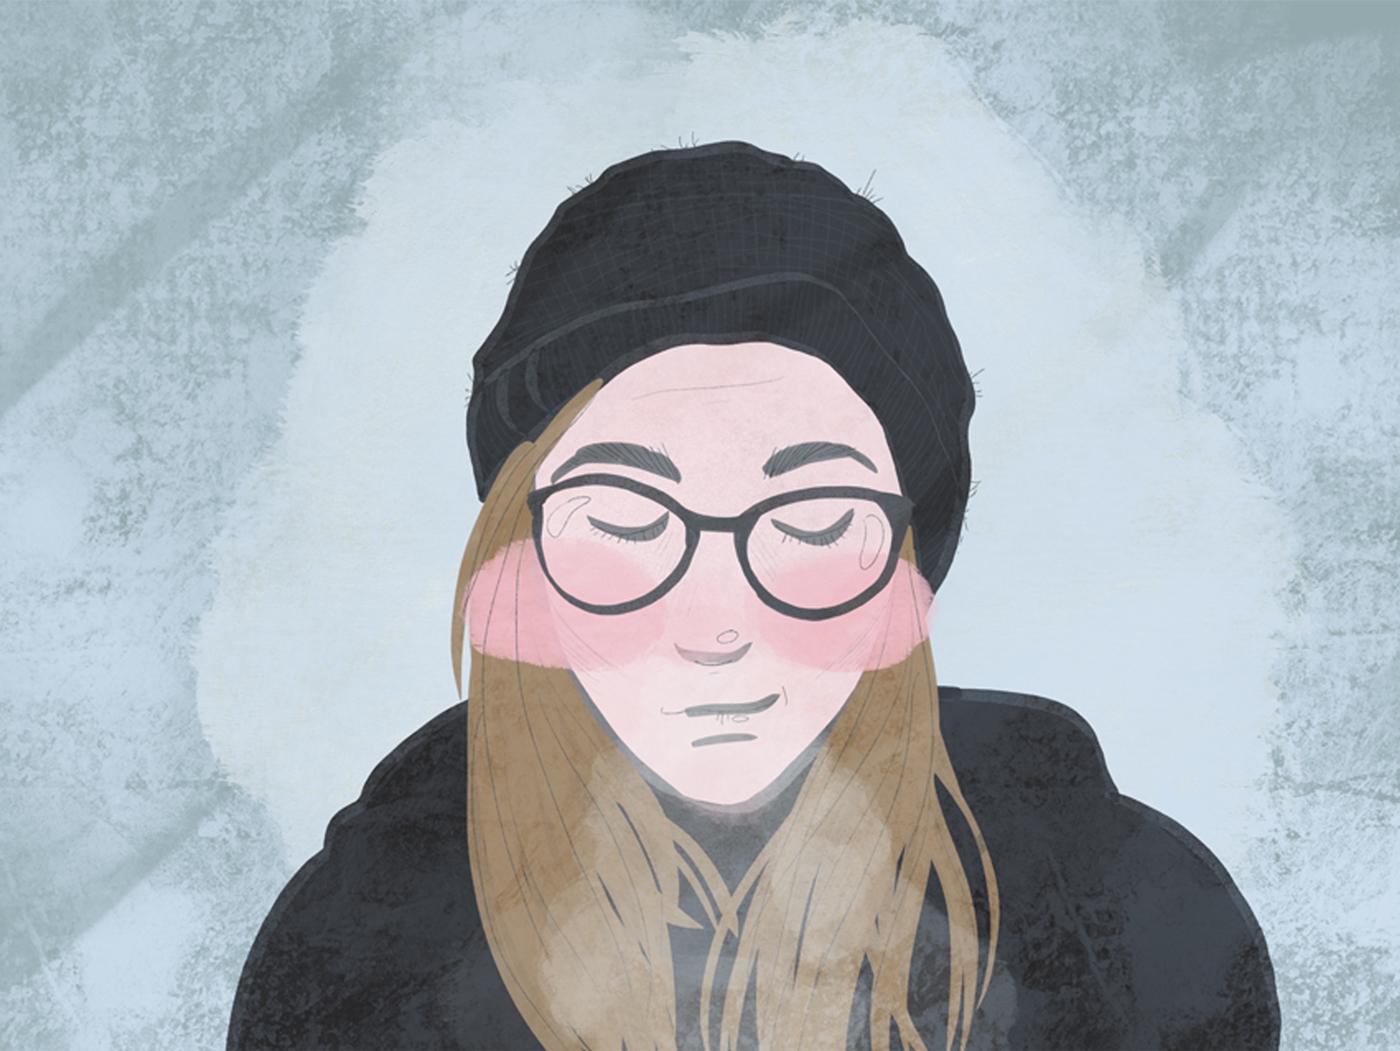 Visage avec un bonnet et les joues rosies par le froid